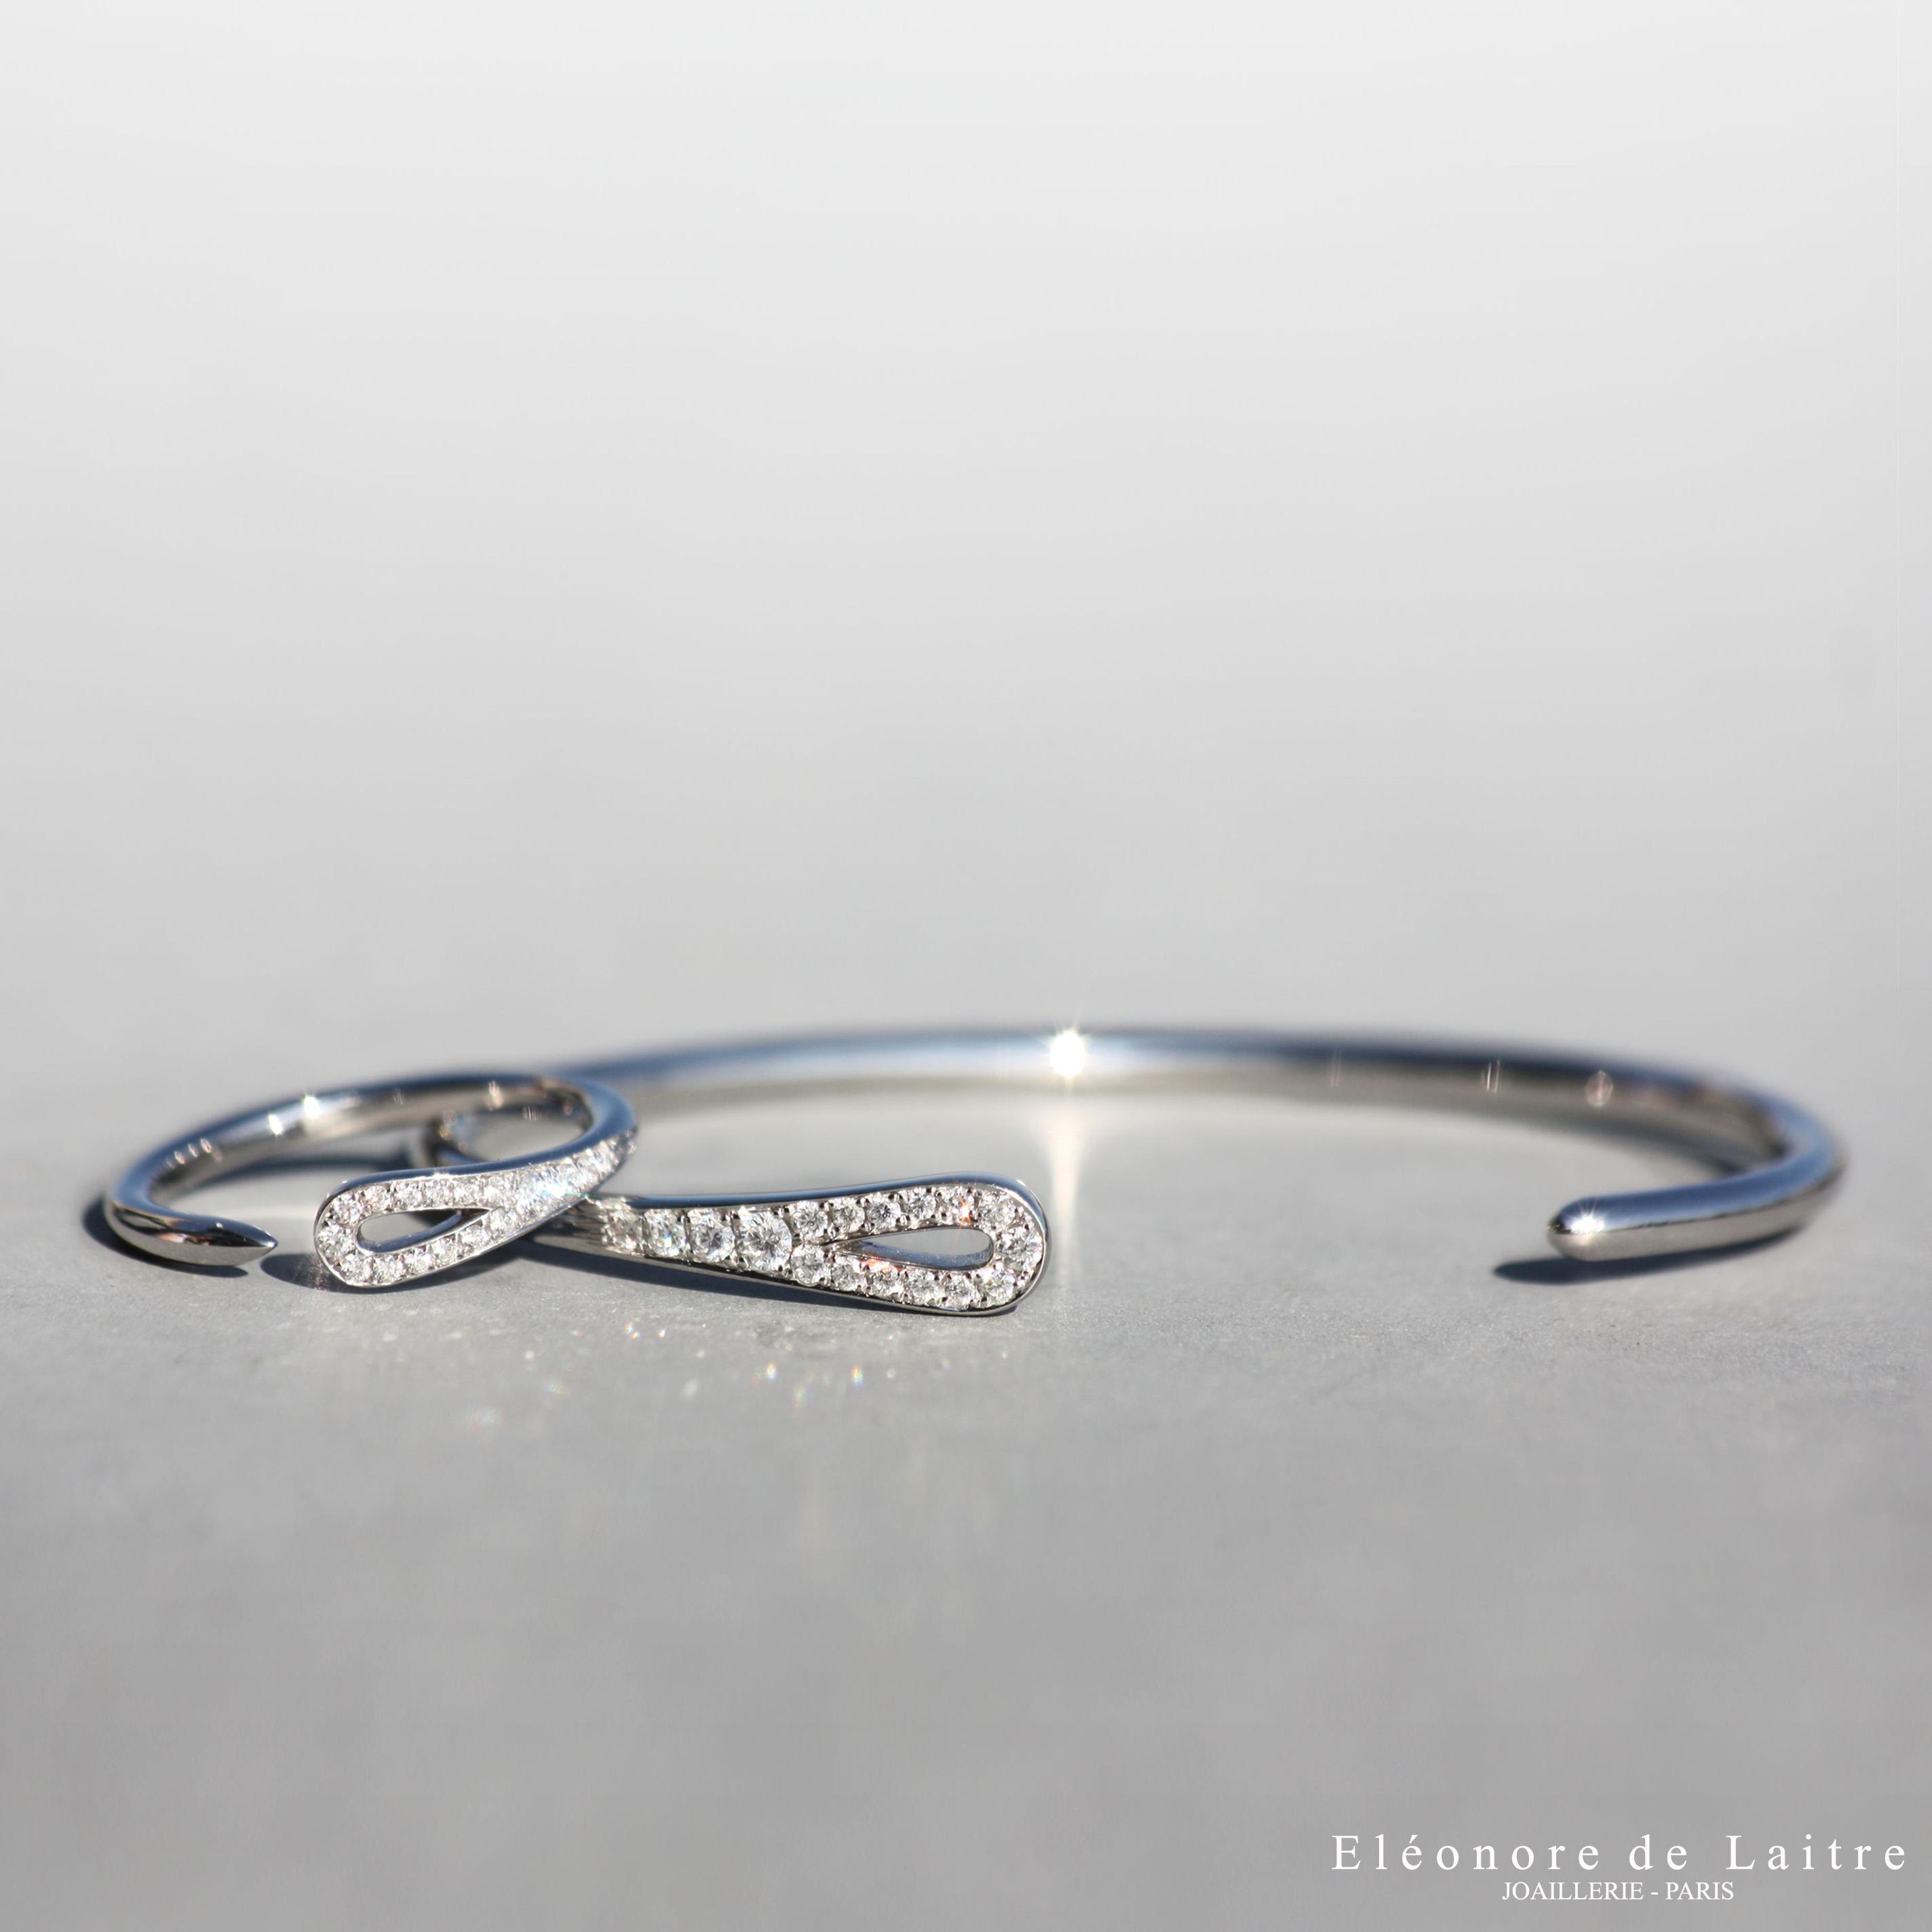 Eléonore de Laitre - Bague et Bracelet Aiguille